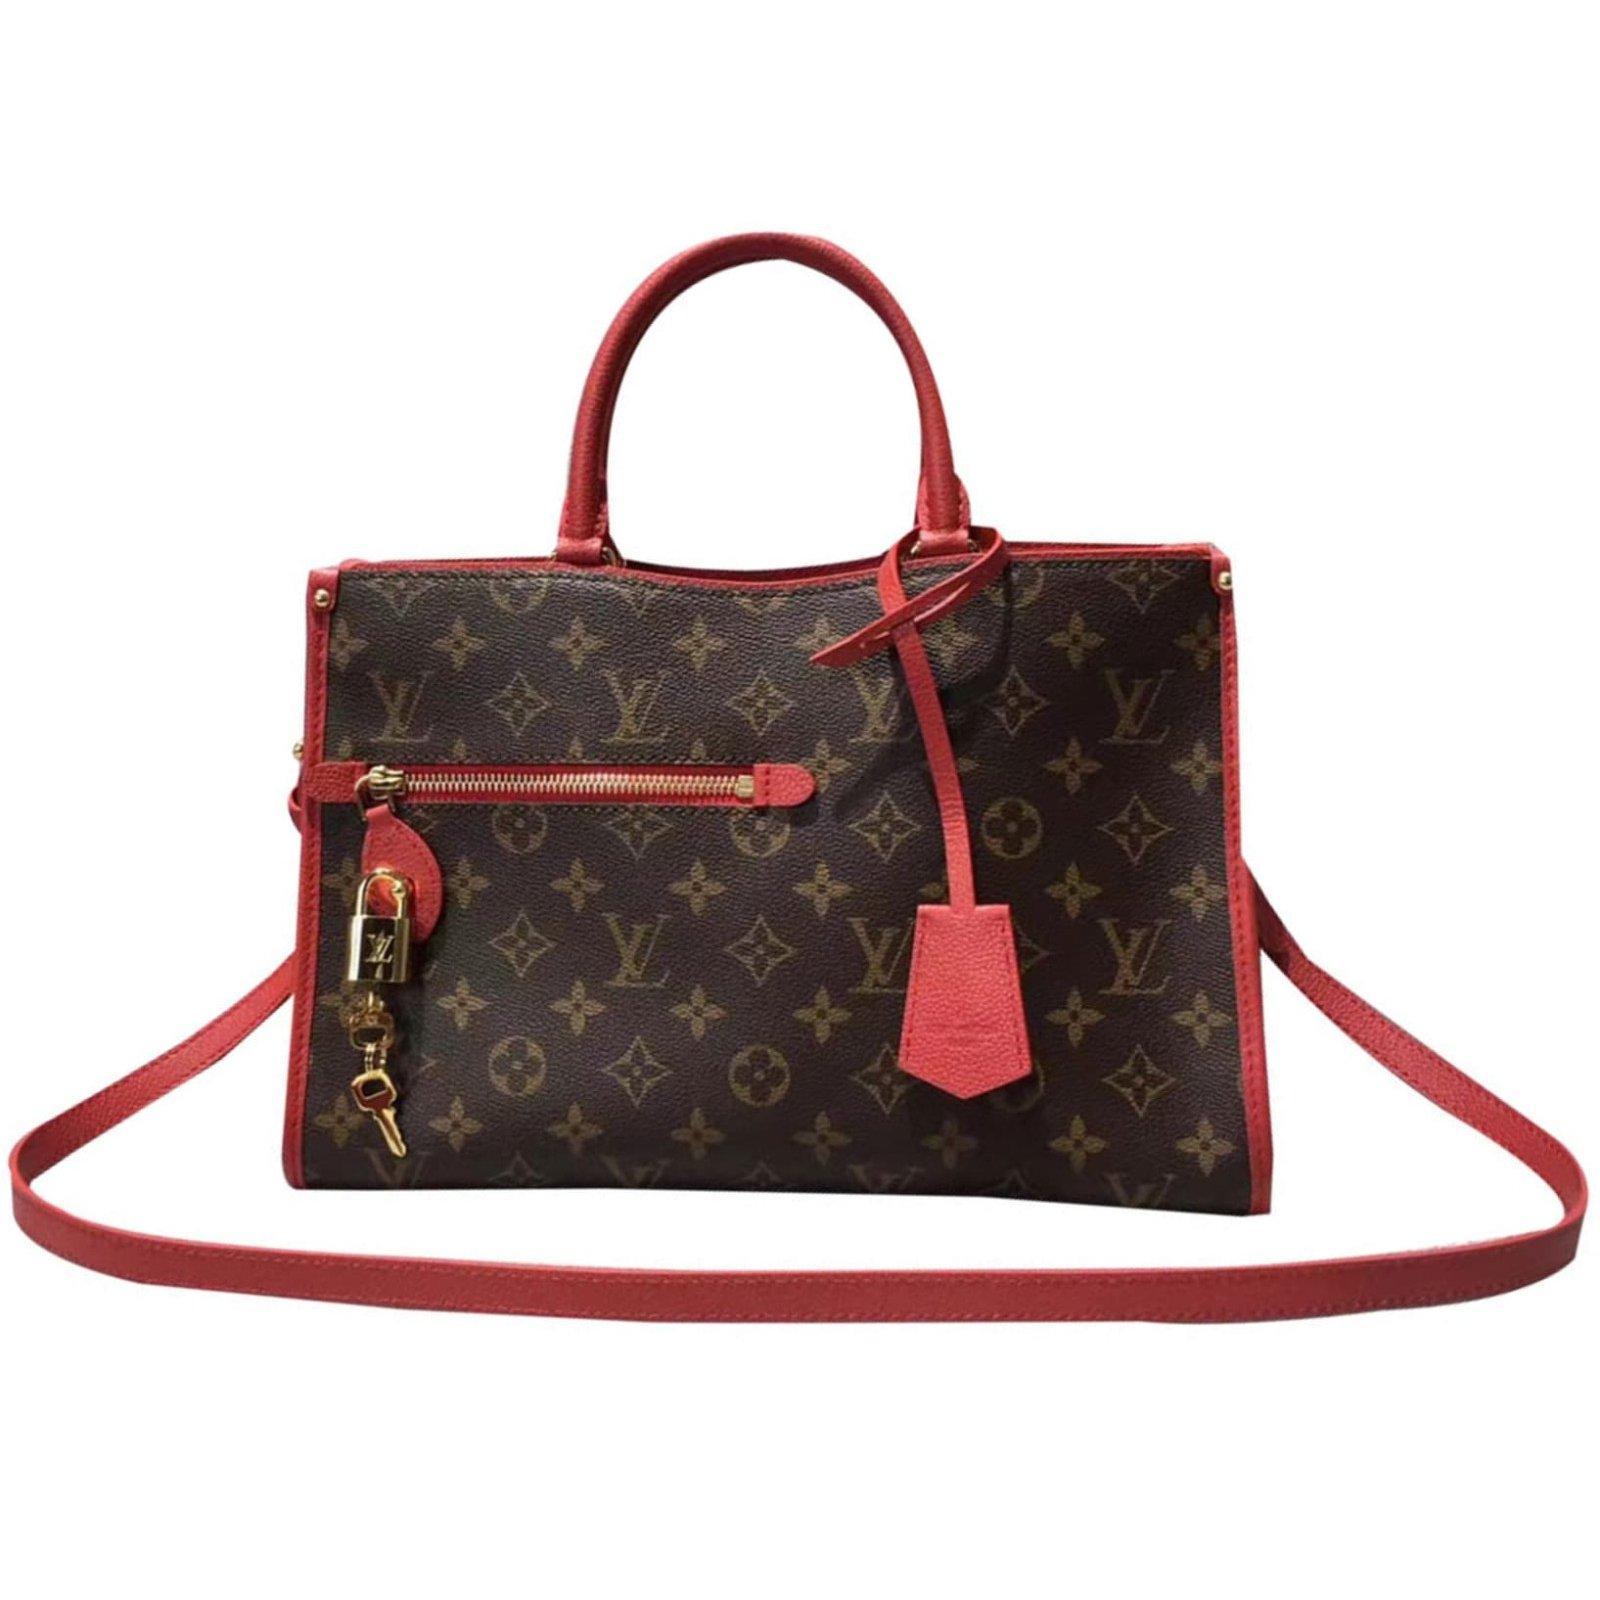 Louis Vuitton Popincourt Mm Red Handbags Leather Ref 42660